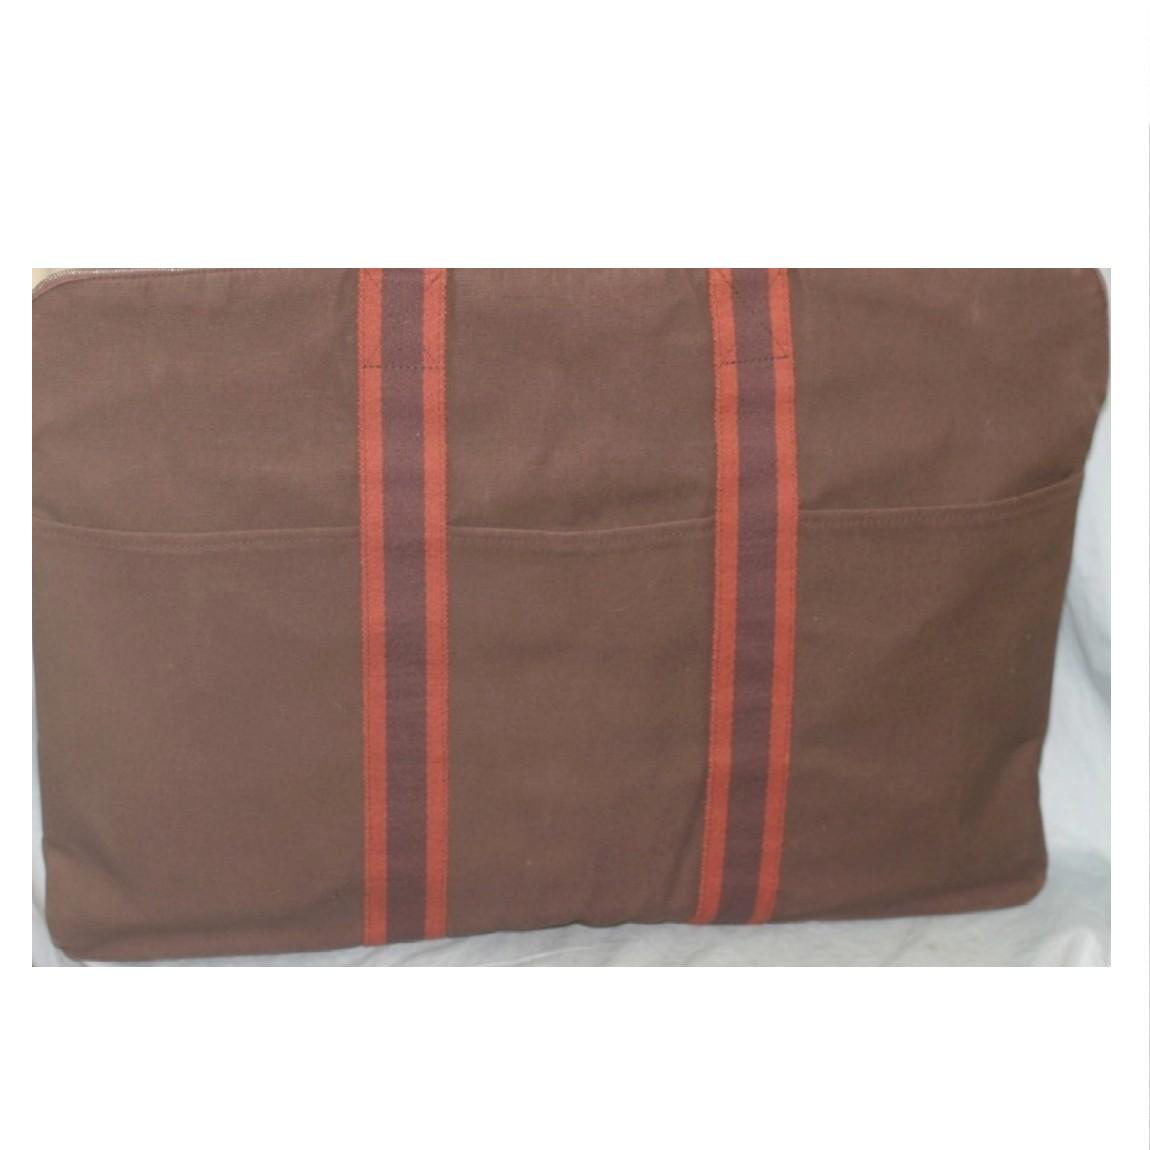 【中古】本物綺麗エルメスフールトゥネイビーxエンジ色ライン52センチ書類鞄ポルト・ドキュマン